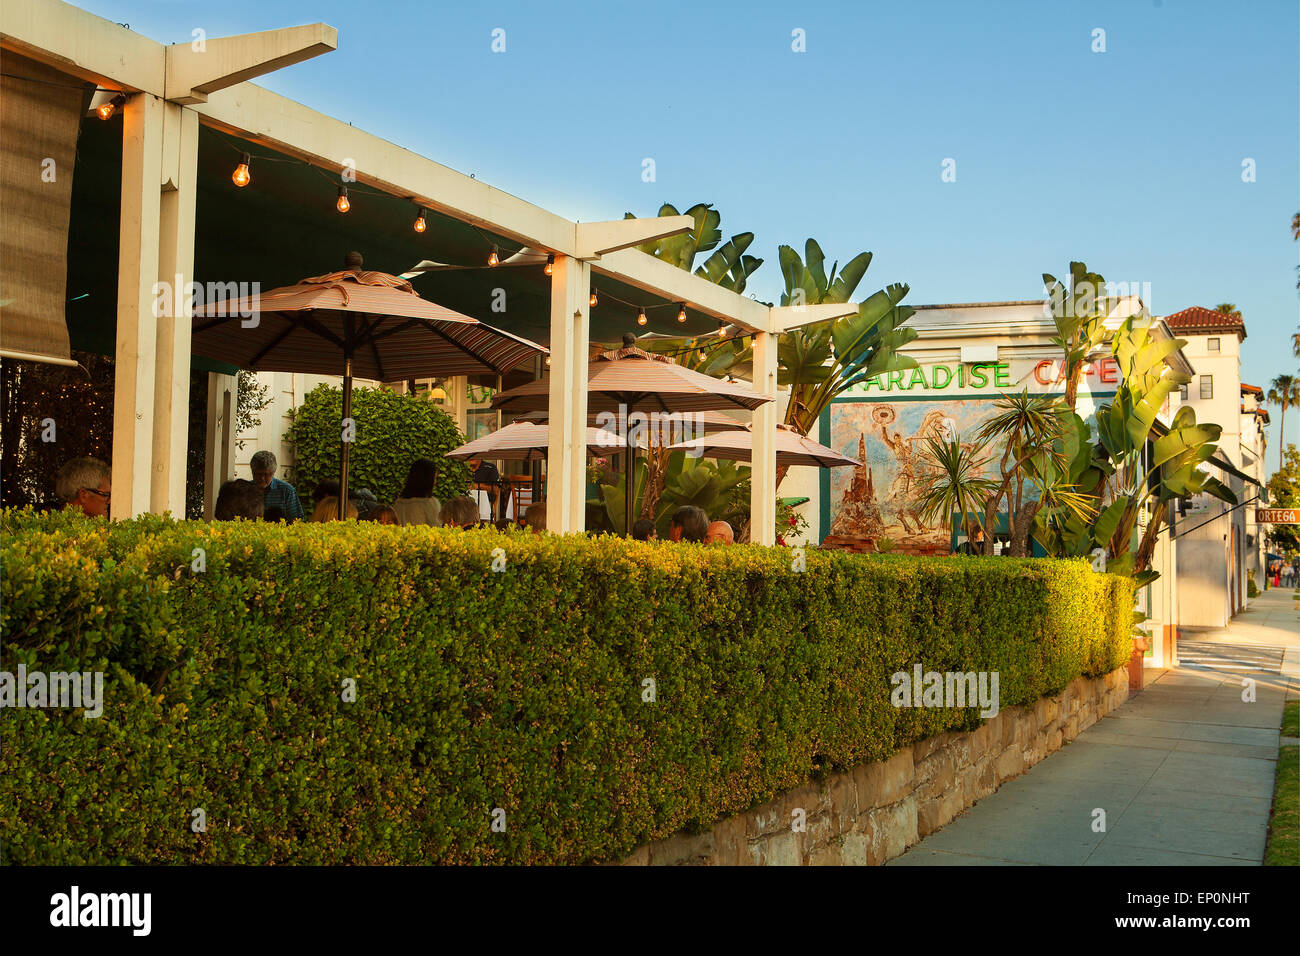 Aussenansicht Schuss von der vorderen Terrasse, Paradise Cafe, Santa Barbara, Kalifornien Stockbild